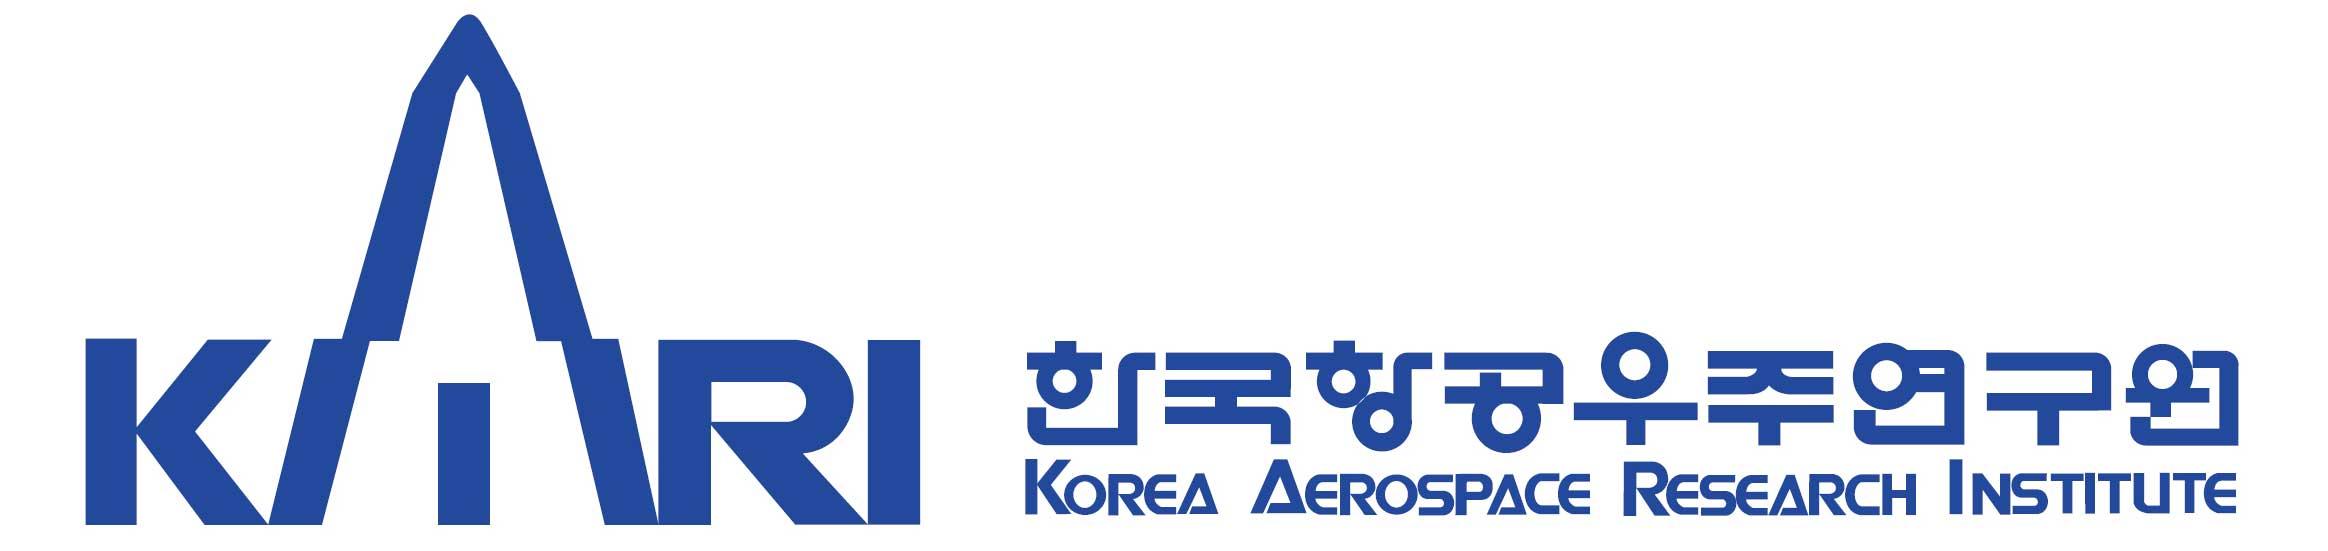 한국항공우주연구원(KARI)